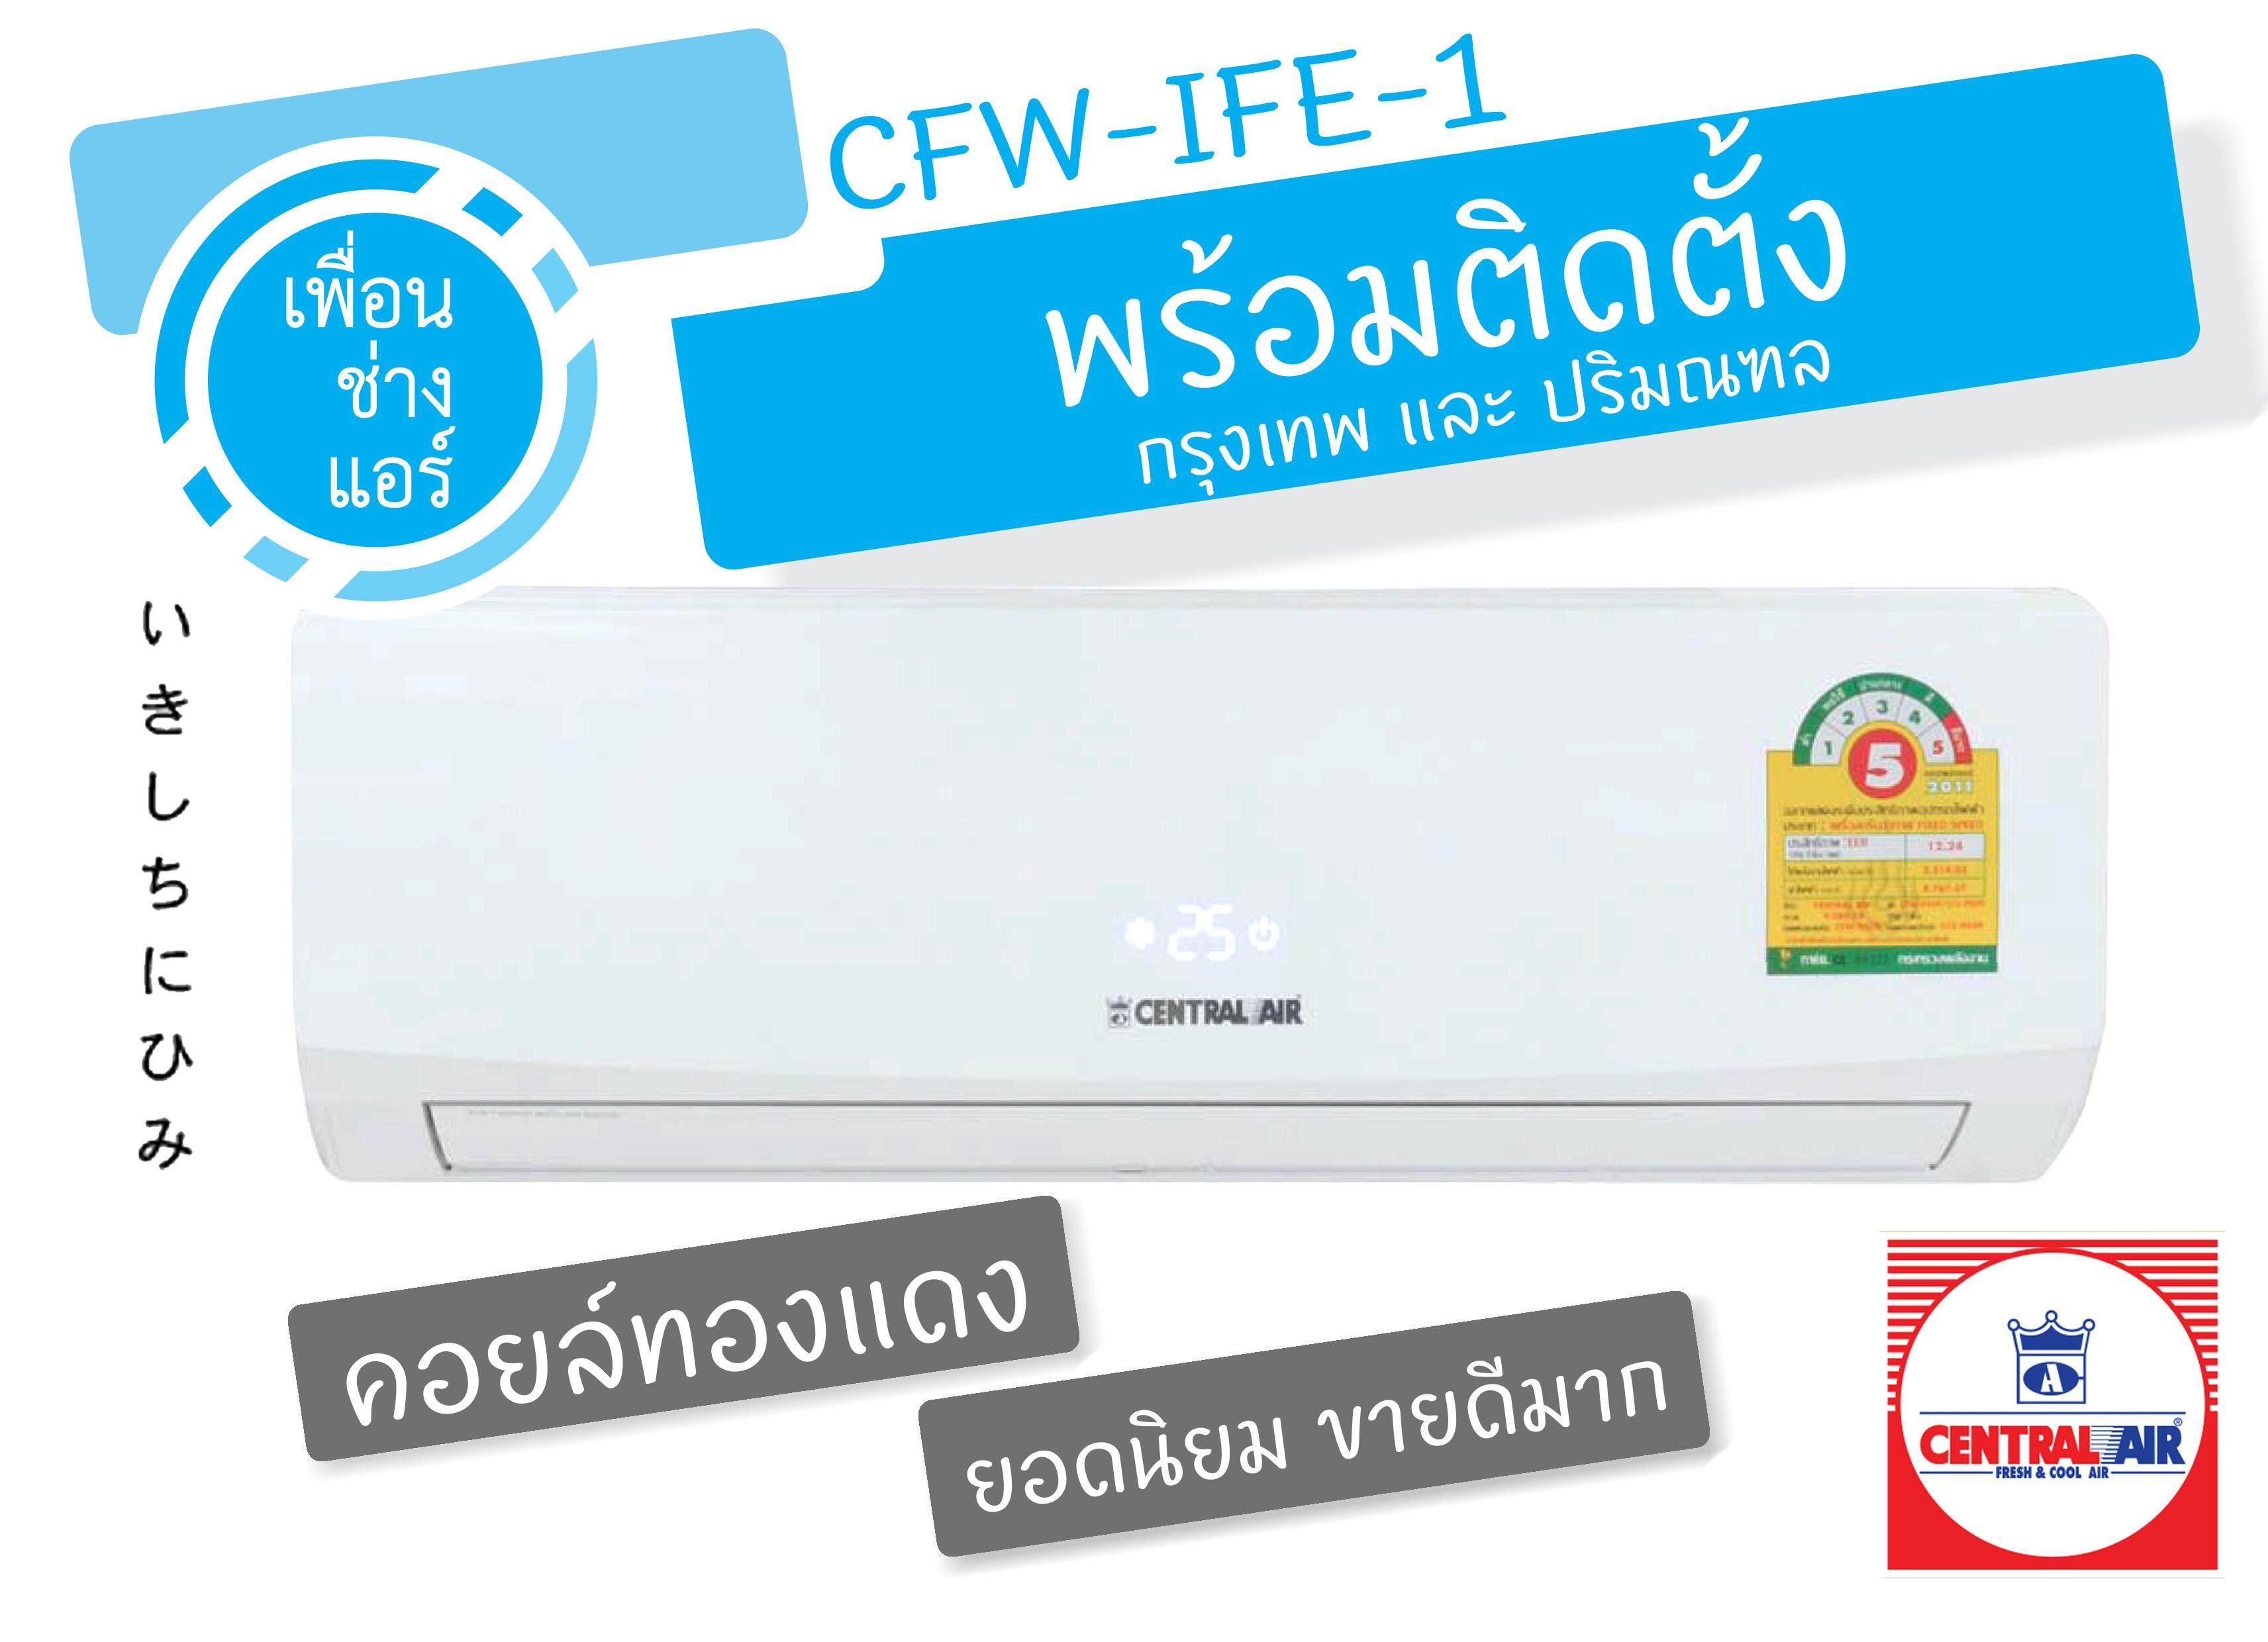 *พร้อมติดตั้ง* Central Air ติดผนัง 9,000 BTU. ประหยัดไฟเบอร์ 5 รุ่น CFW-IFE กทม.และปริมณฑล